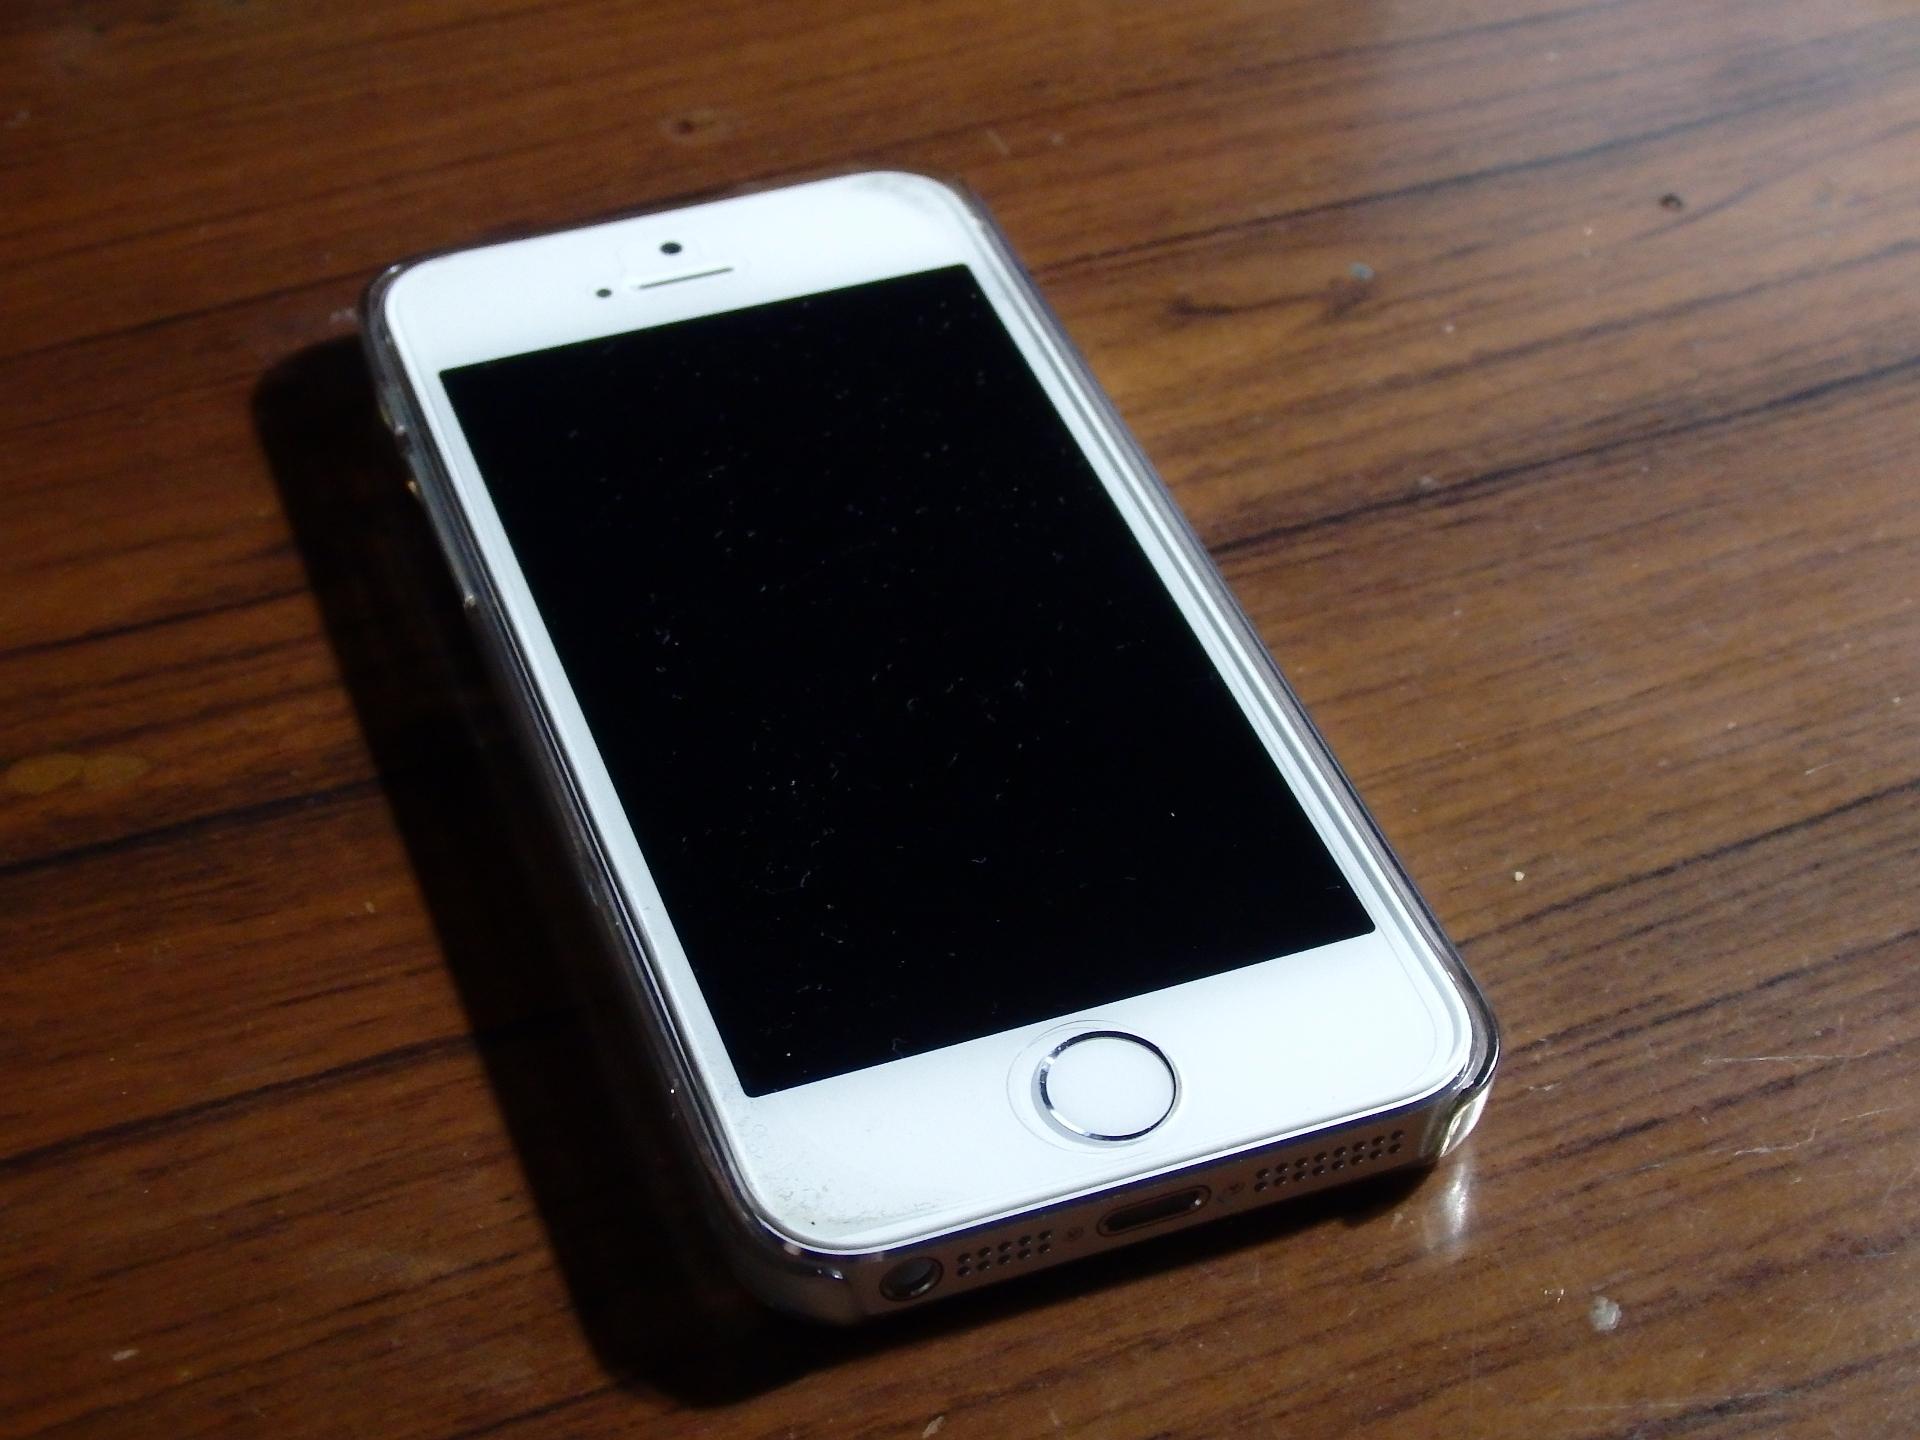 iPhone5で本社WiFiが接がりません。